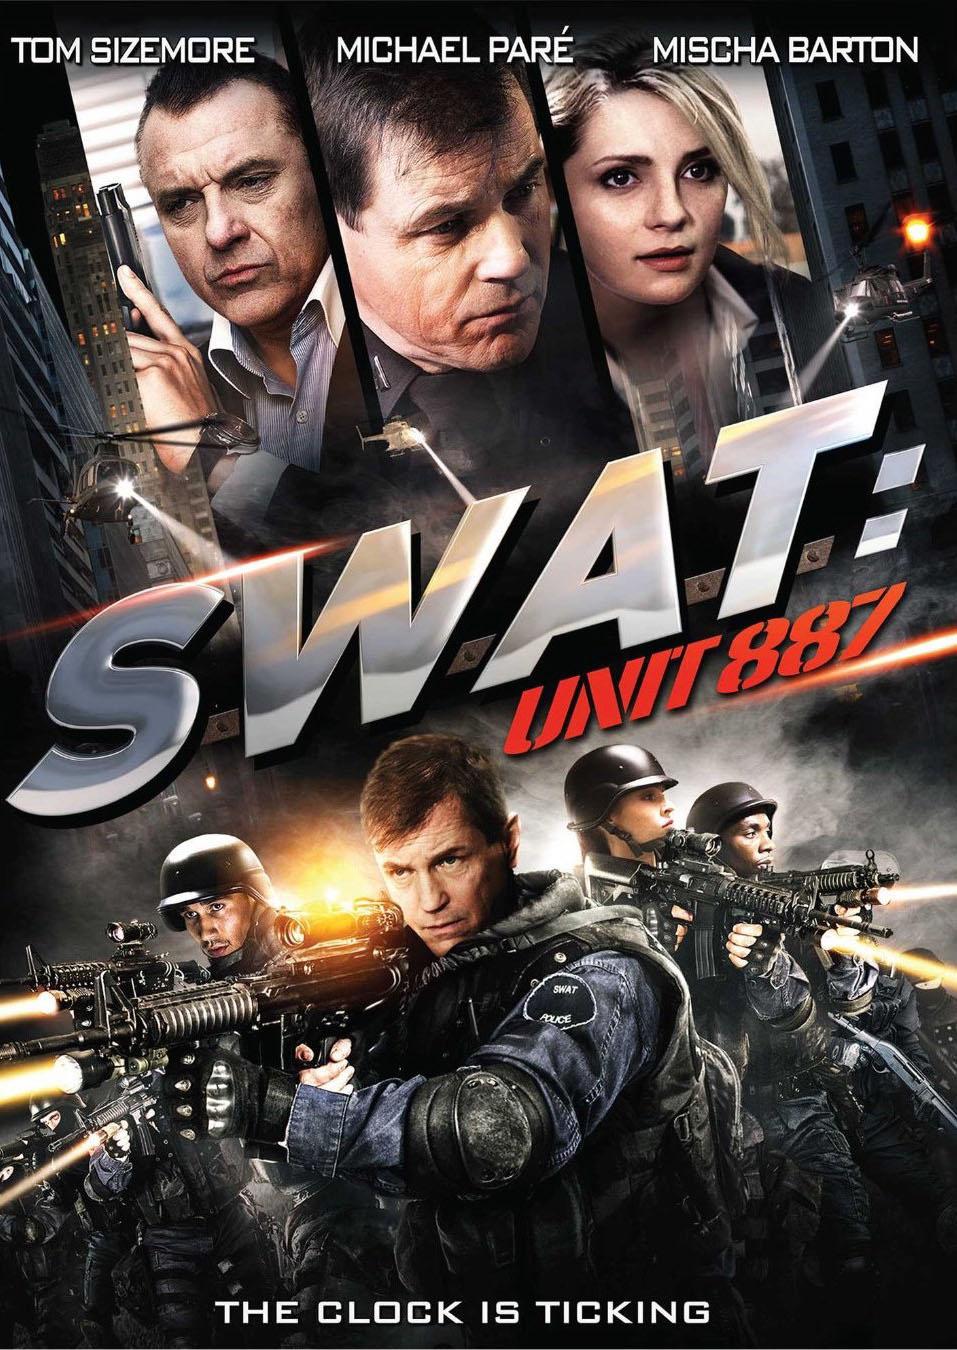 Đội Đặc Nhiệm Lồng tiếng - SWAT: Unit 887